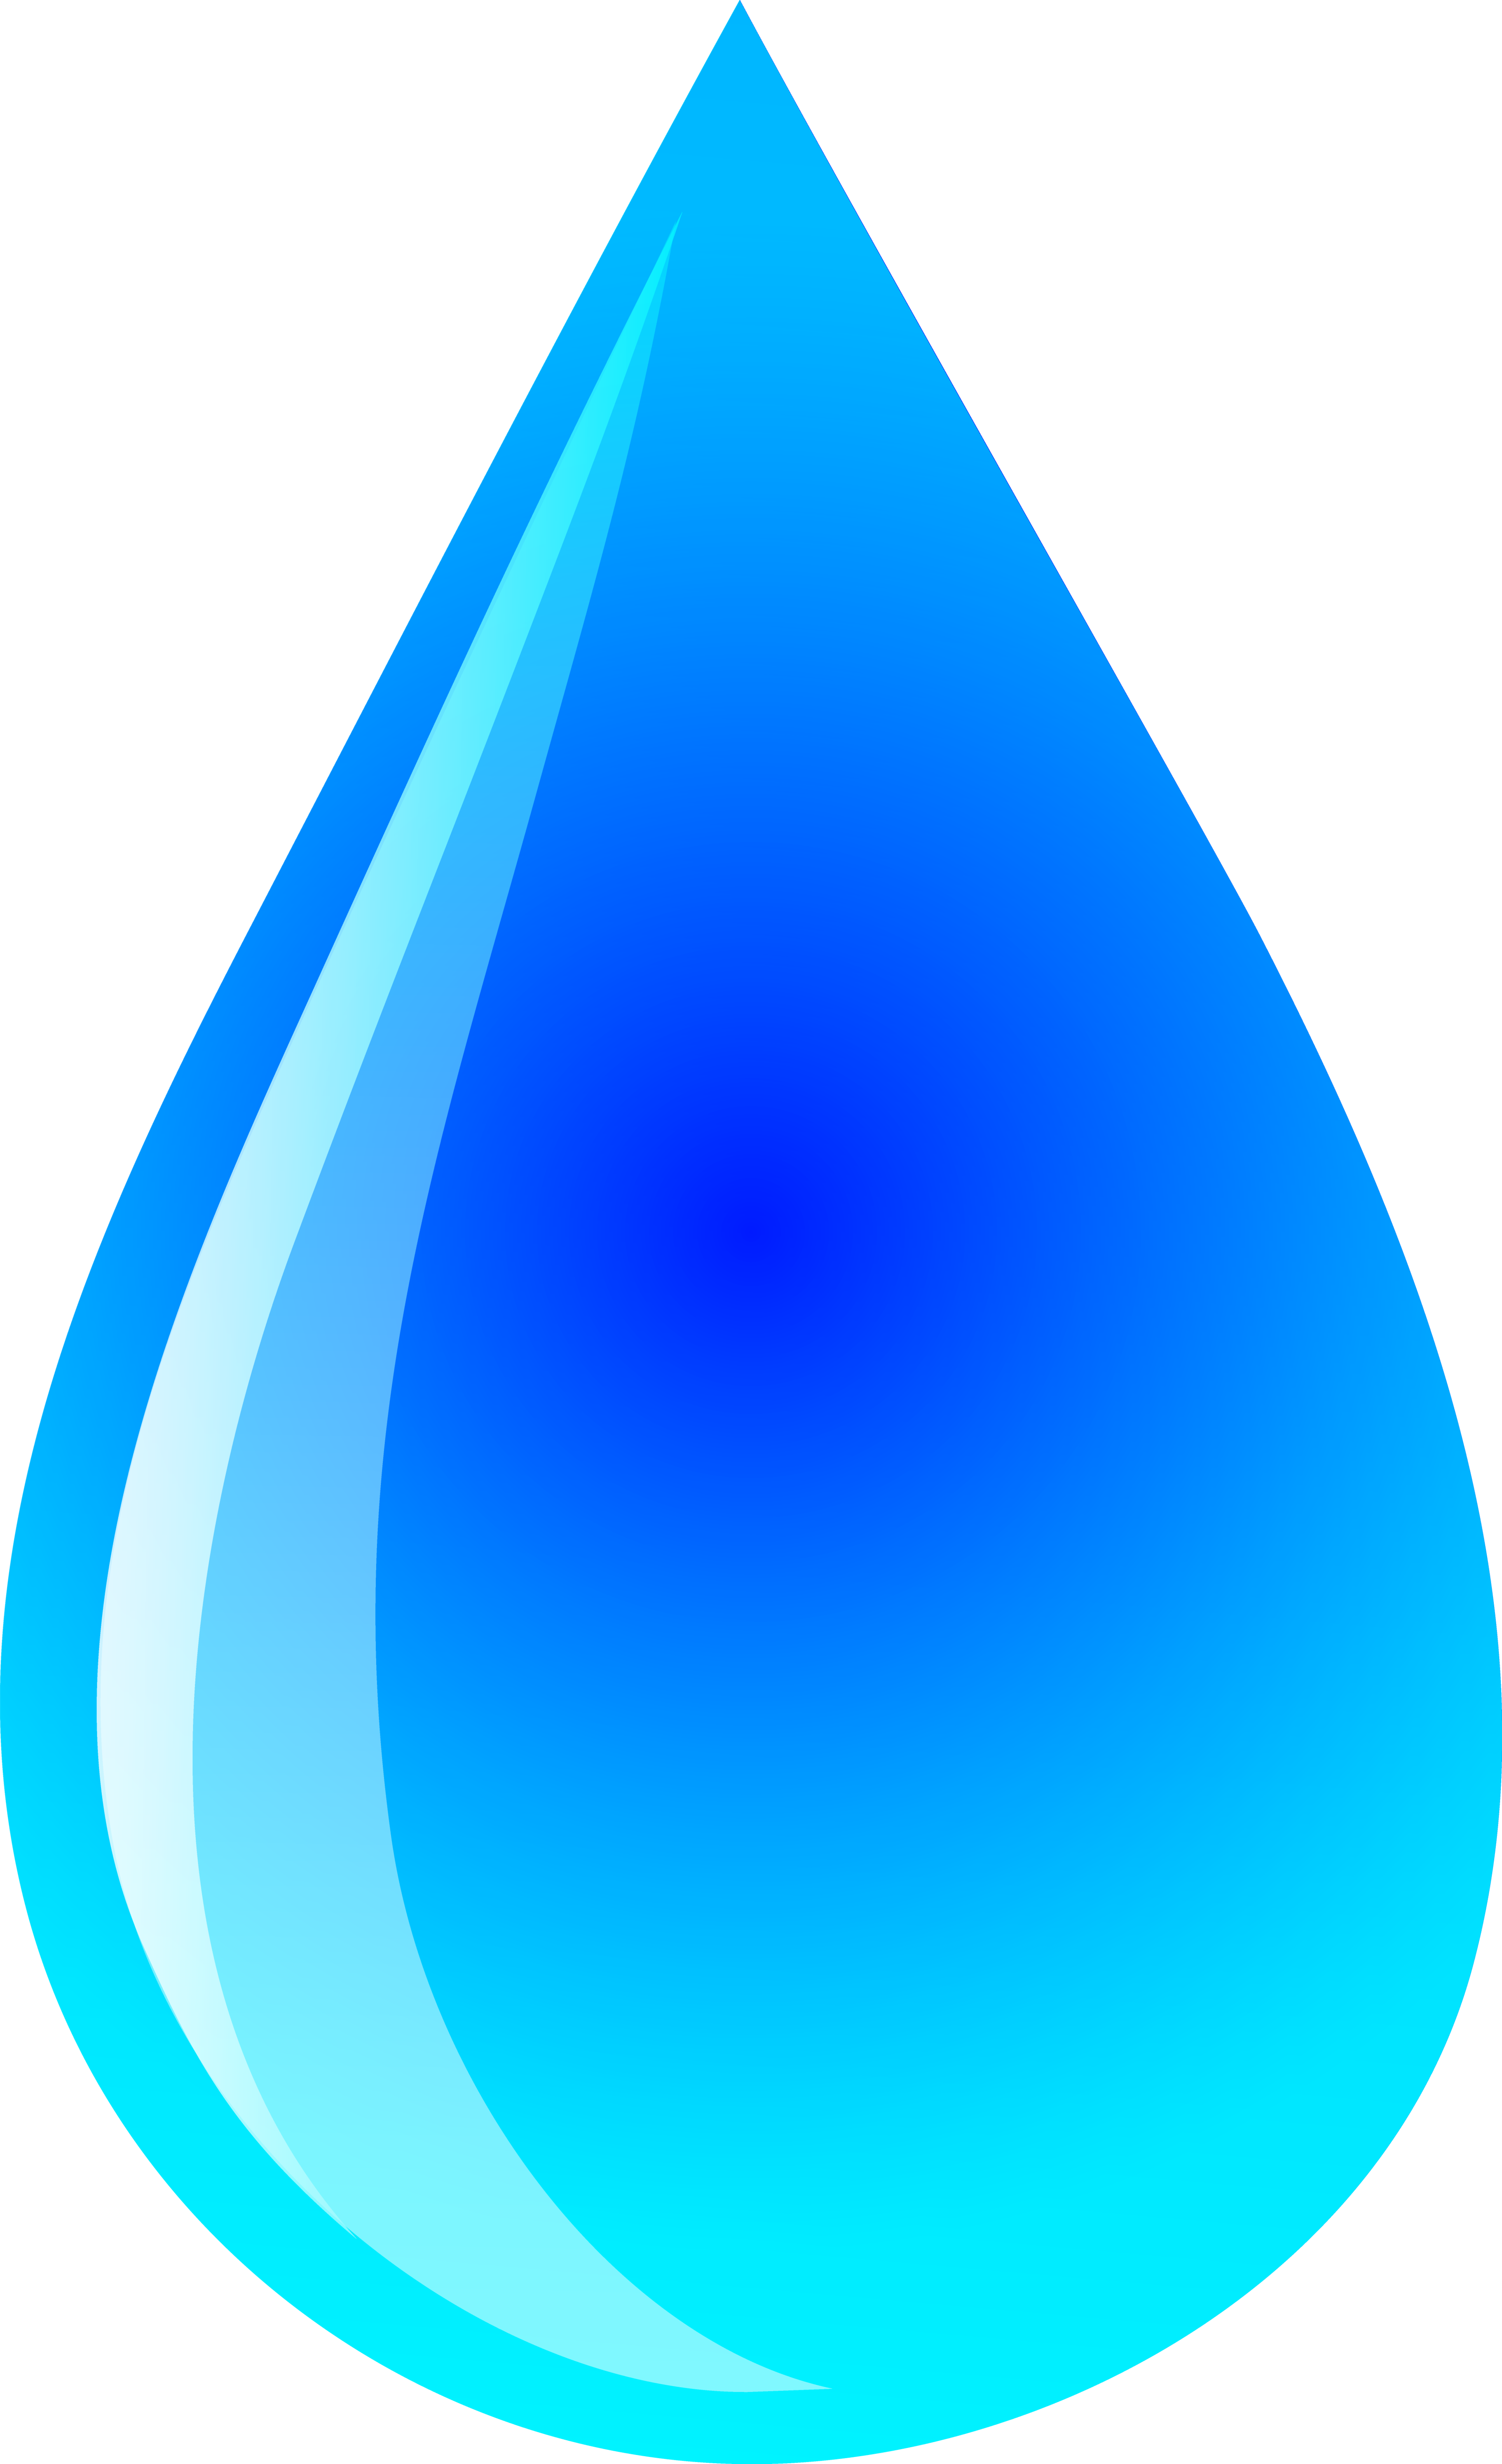 Water Drop Vector Free - ClipArt Best